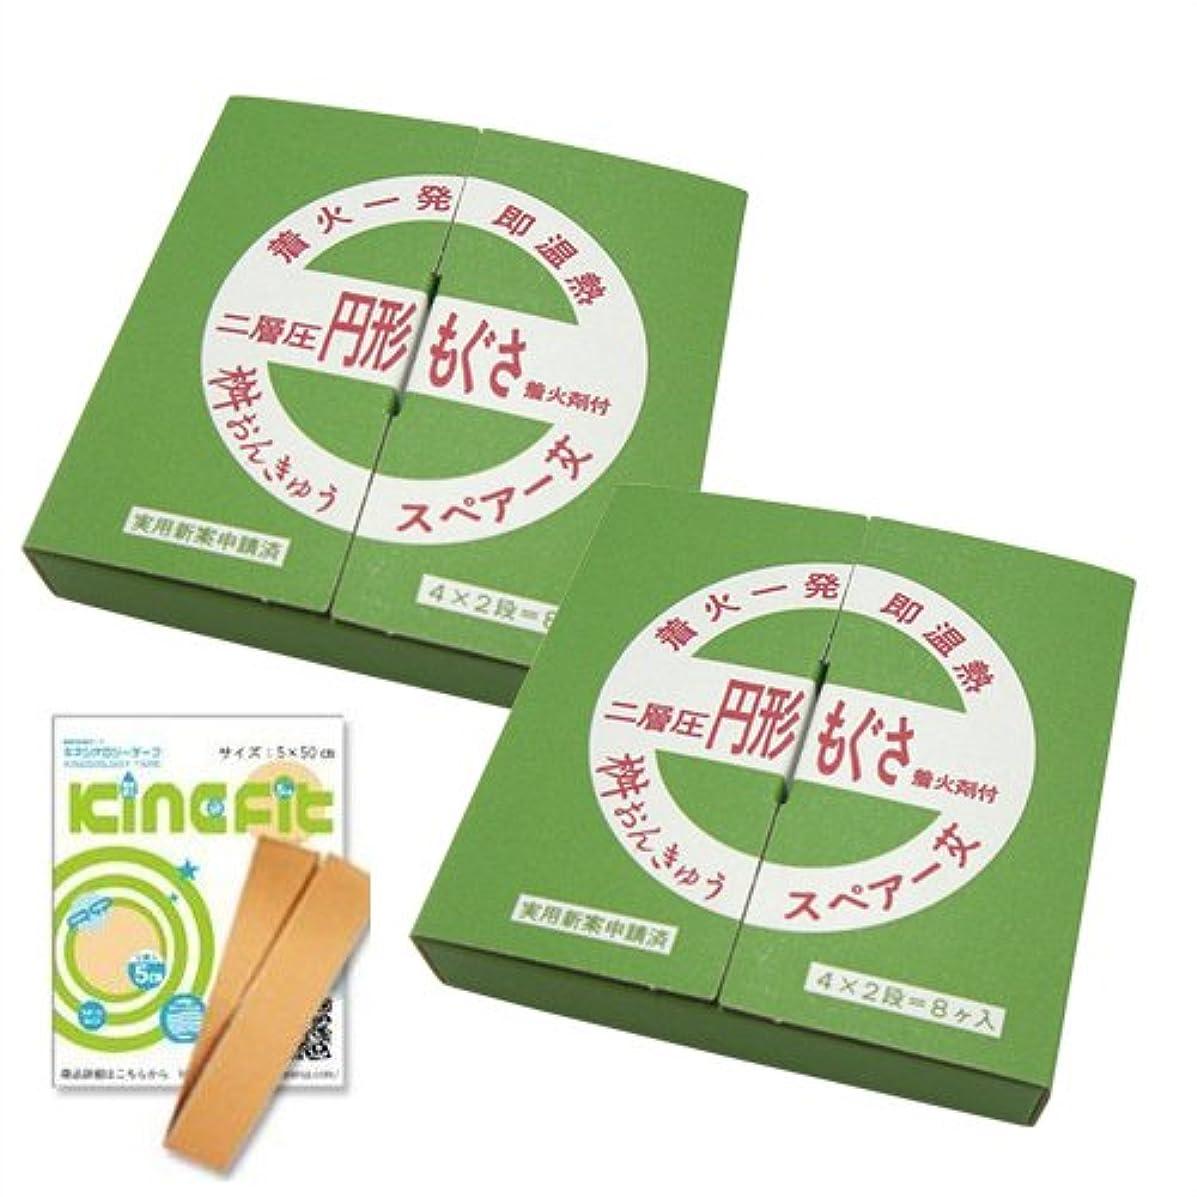 エレクトロニック供給鏡桝おんきゅう用スペアもぐさ 円形もぐさ(8ケ) ×2箱セット + お試し用キネシオロジーテープ キネフィット50cm セット